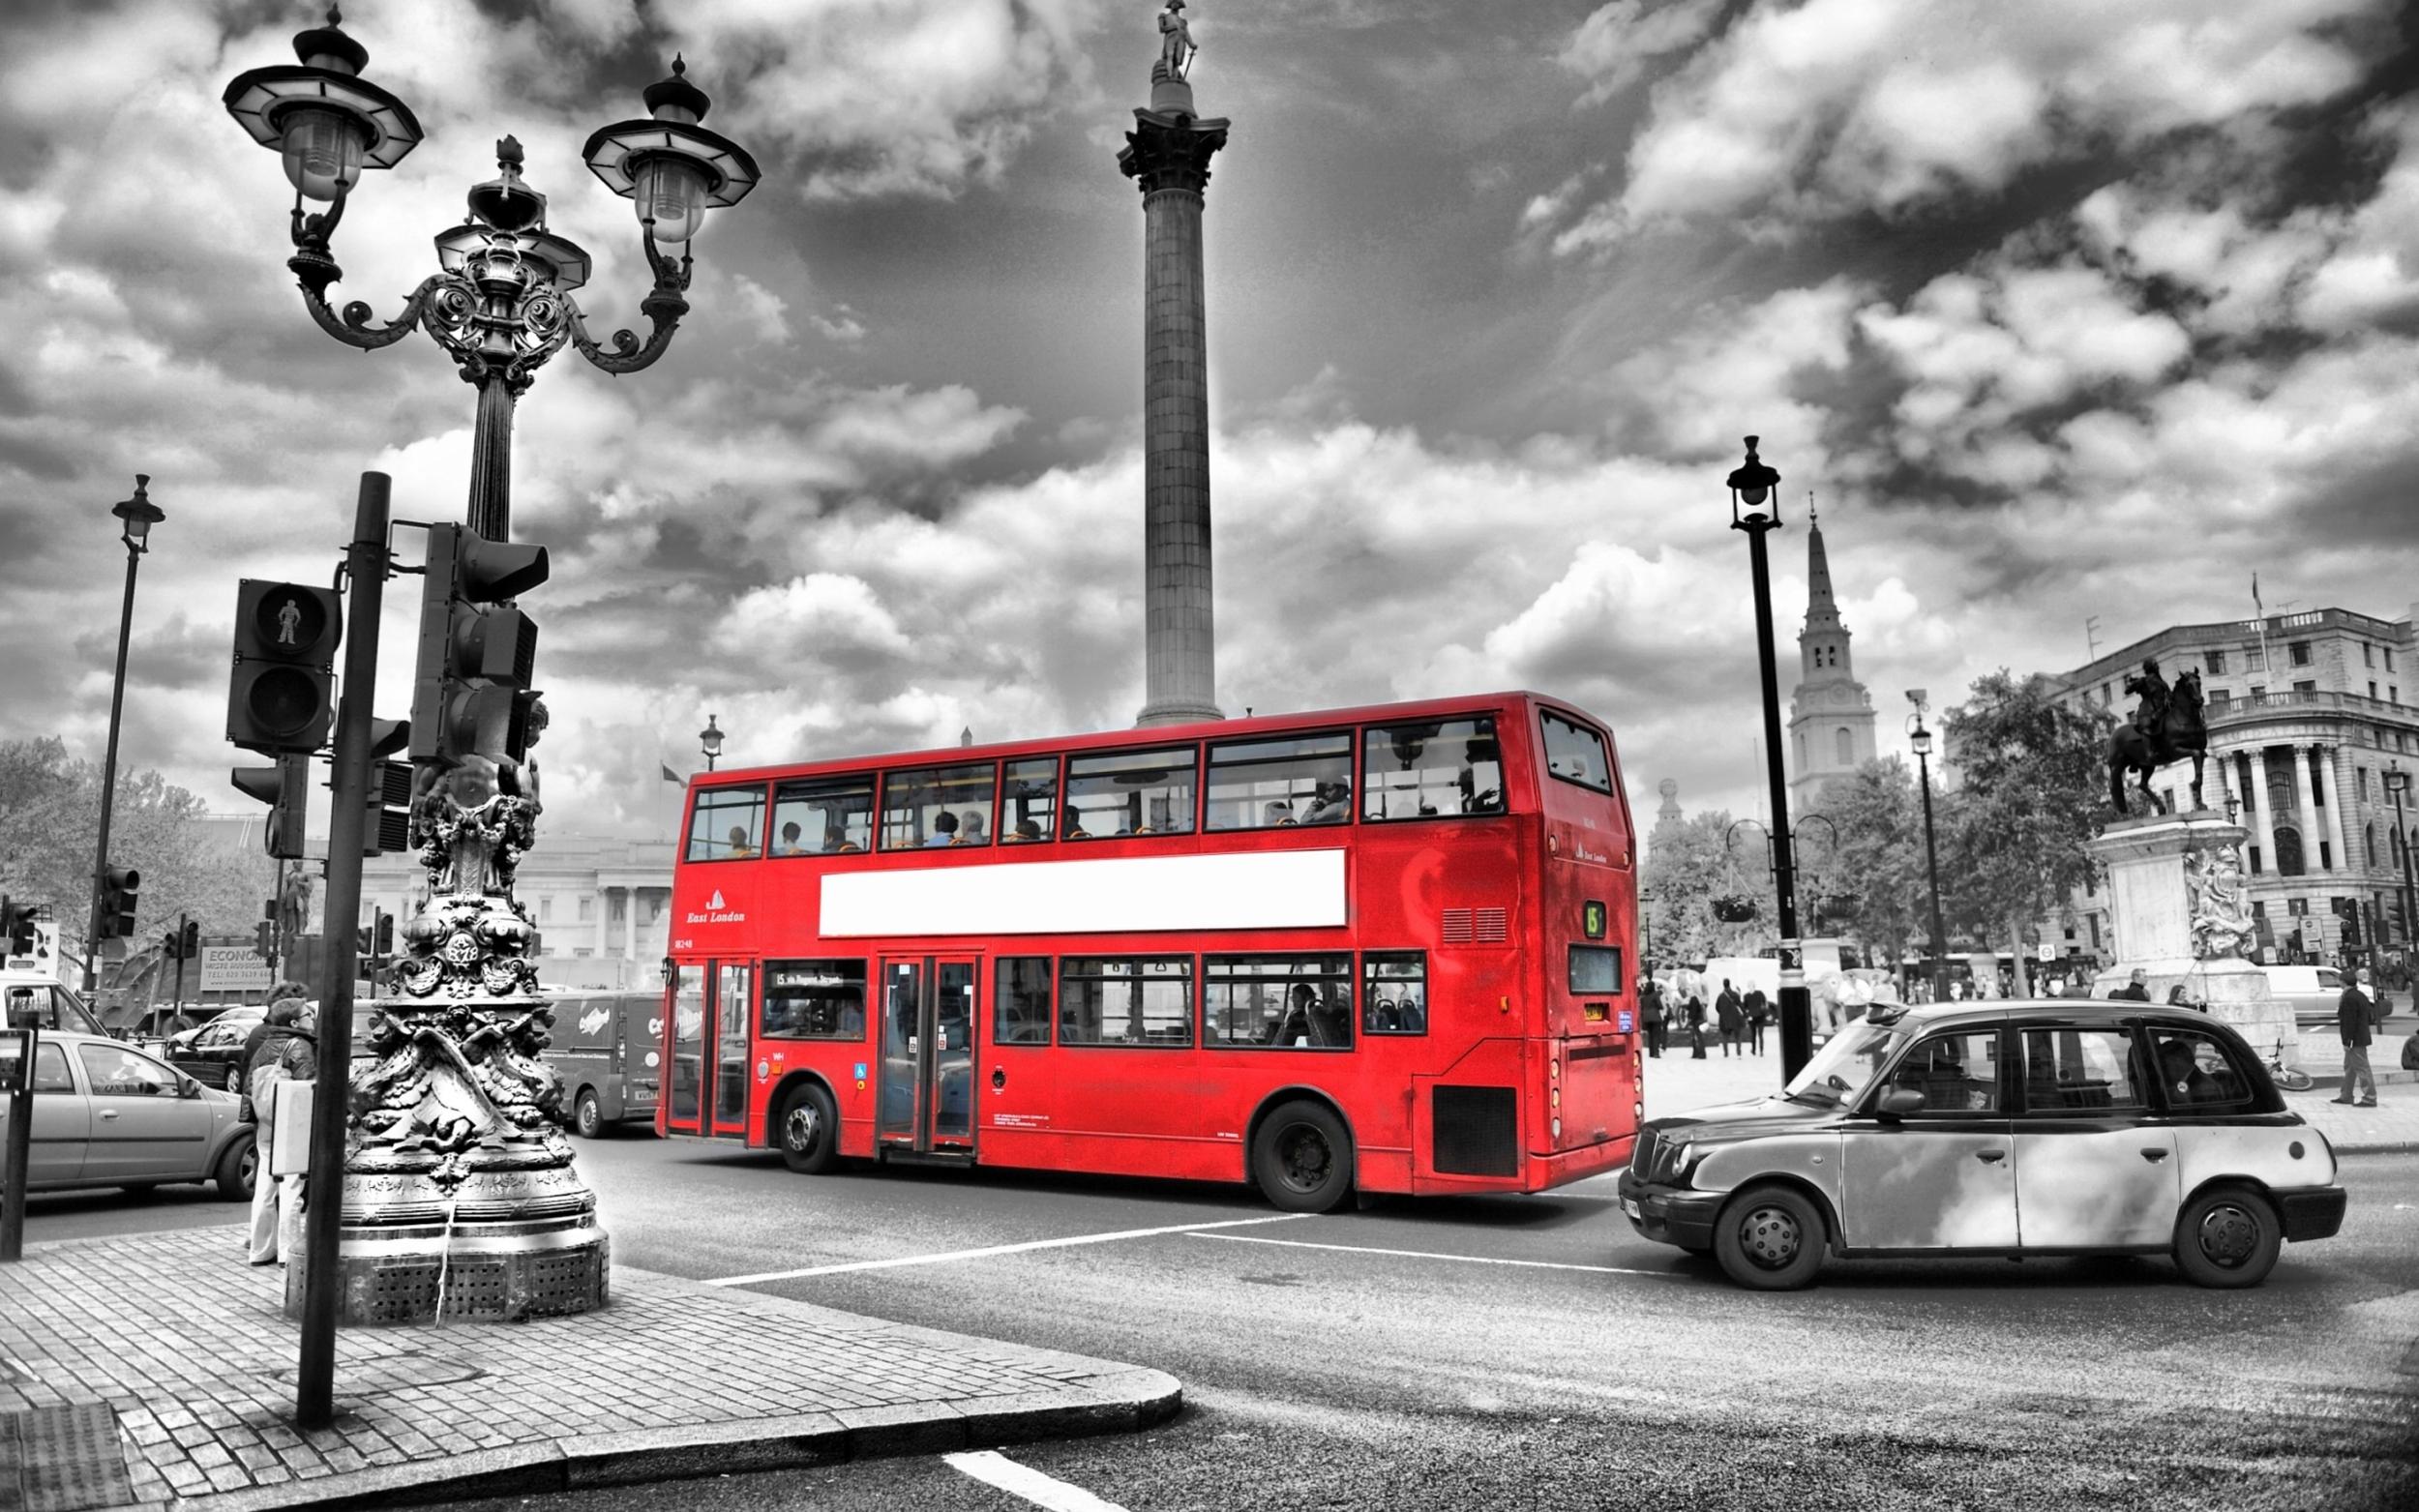 london-bus-2560x1600-wide-wallpapers.net.jpg